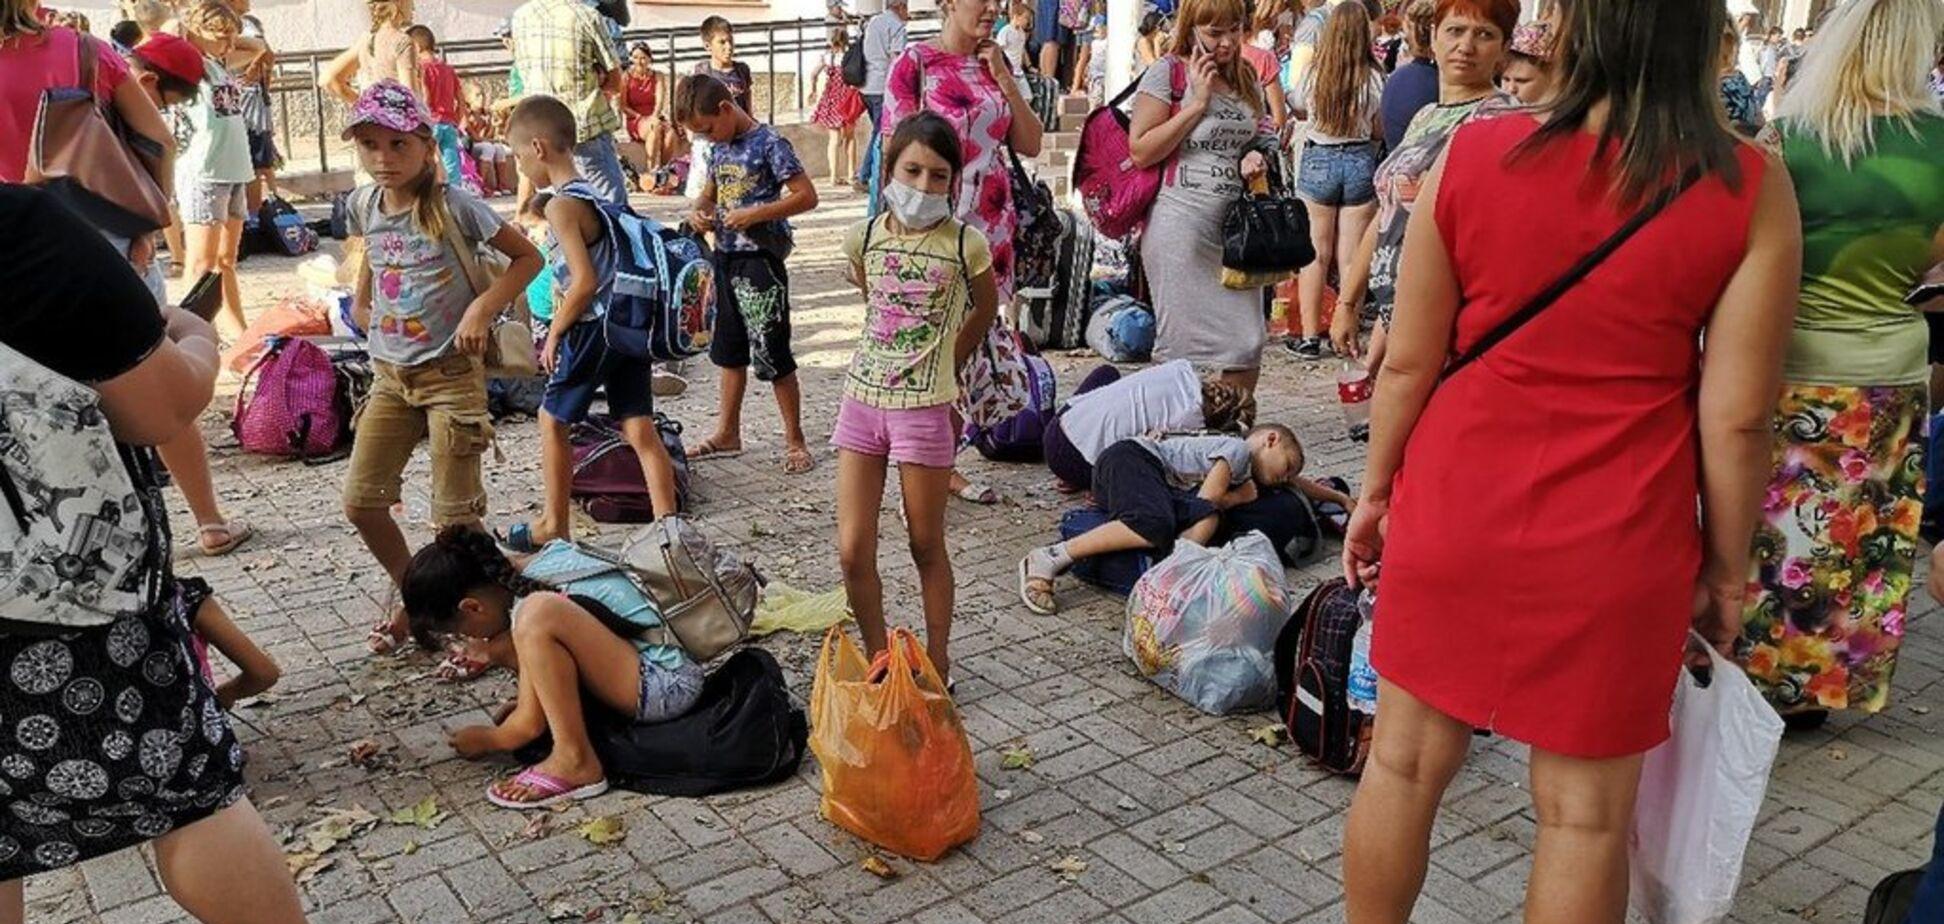 ''Ситуация трагична'': местный житель рассказал об экокатастрофе в Крыму